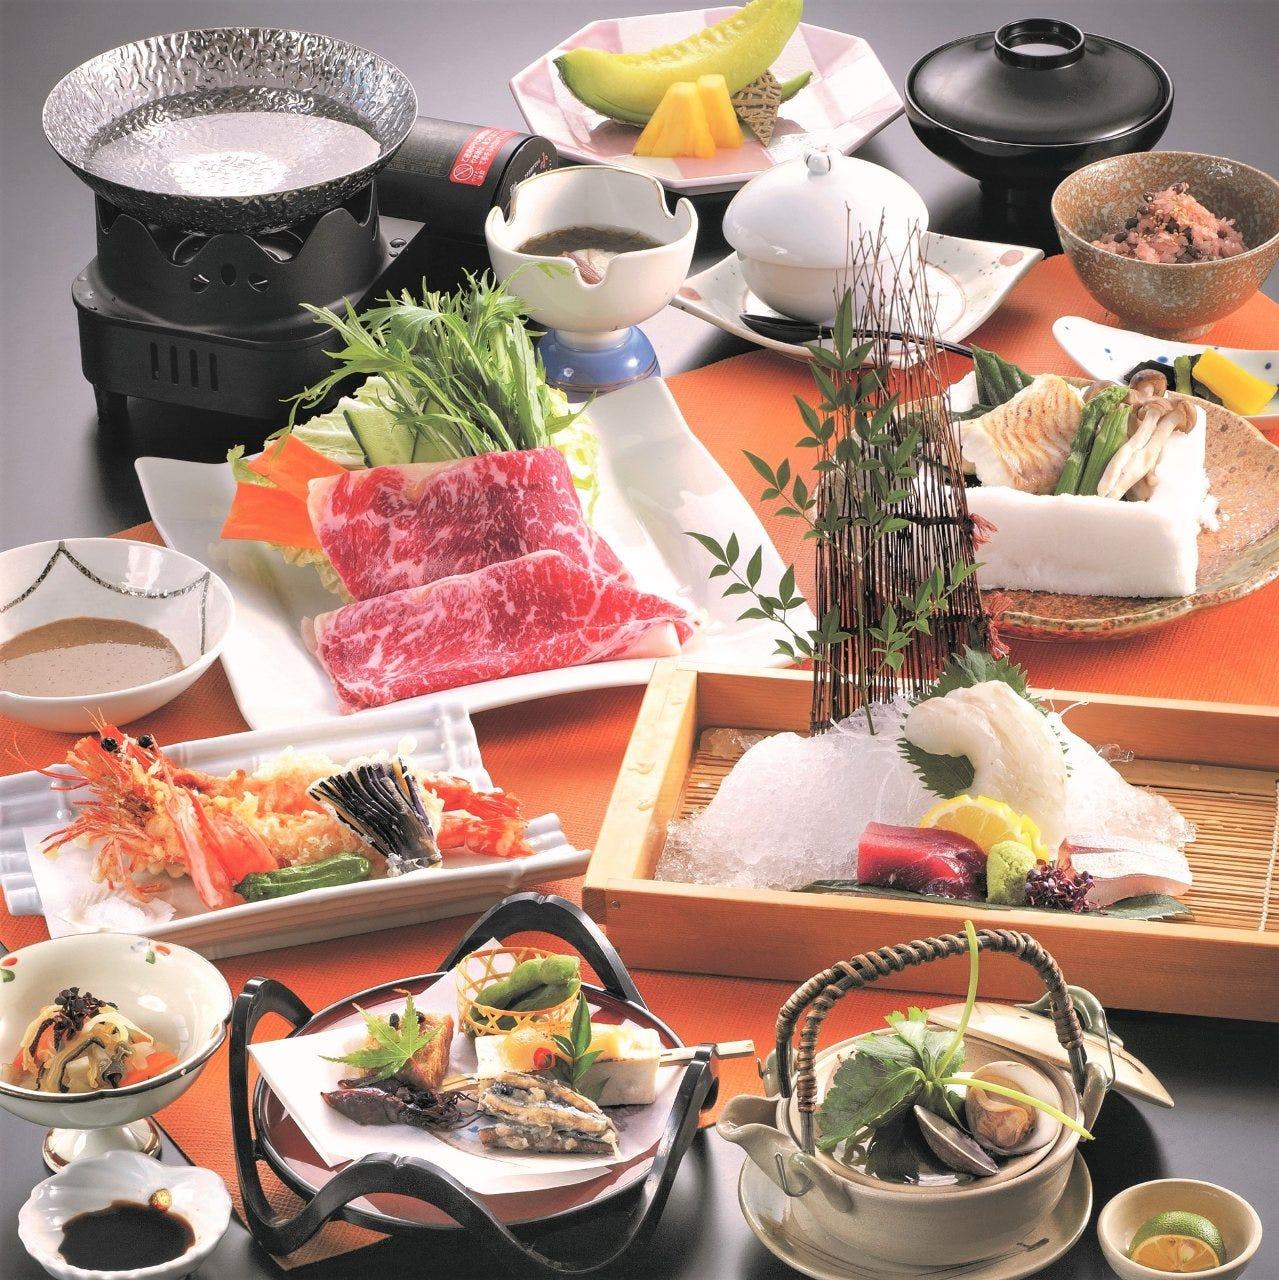 お祝いに相応しい空間と料理をご提供